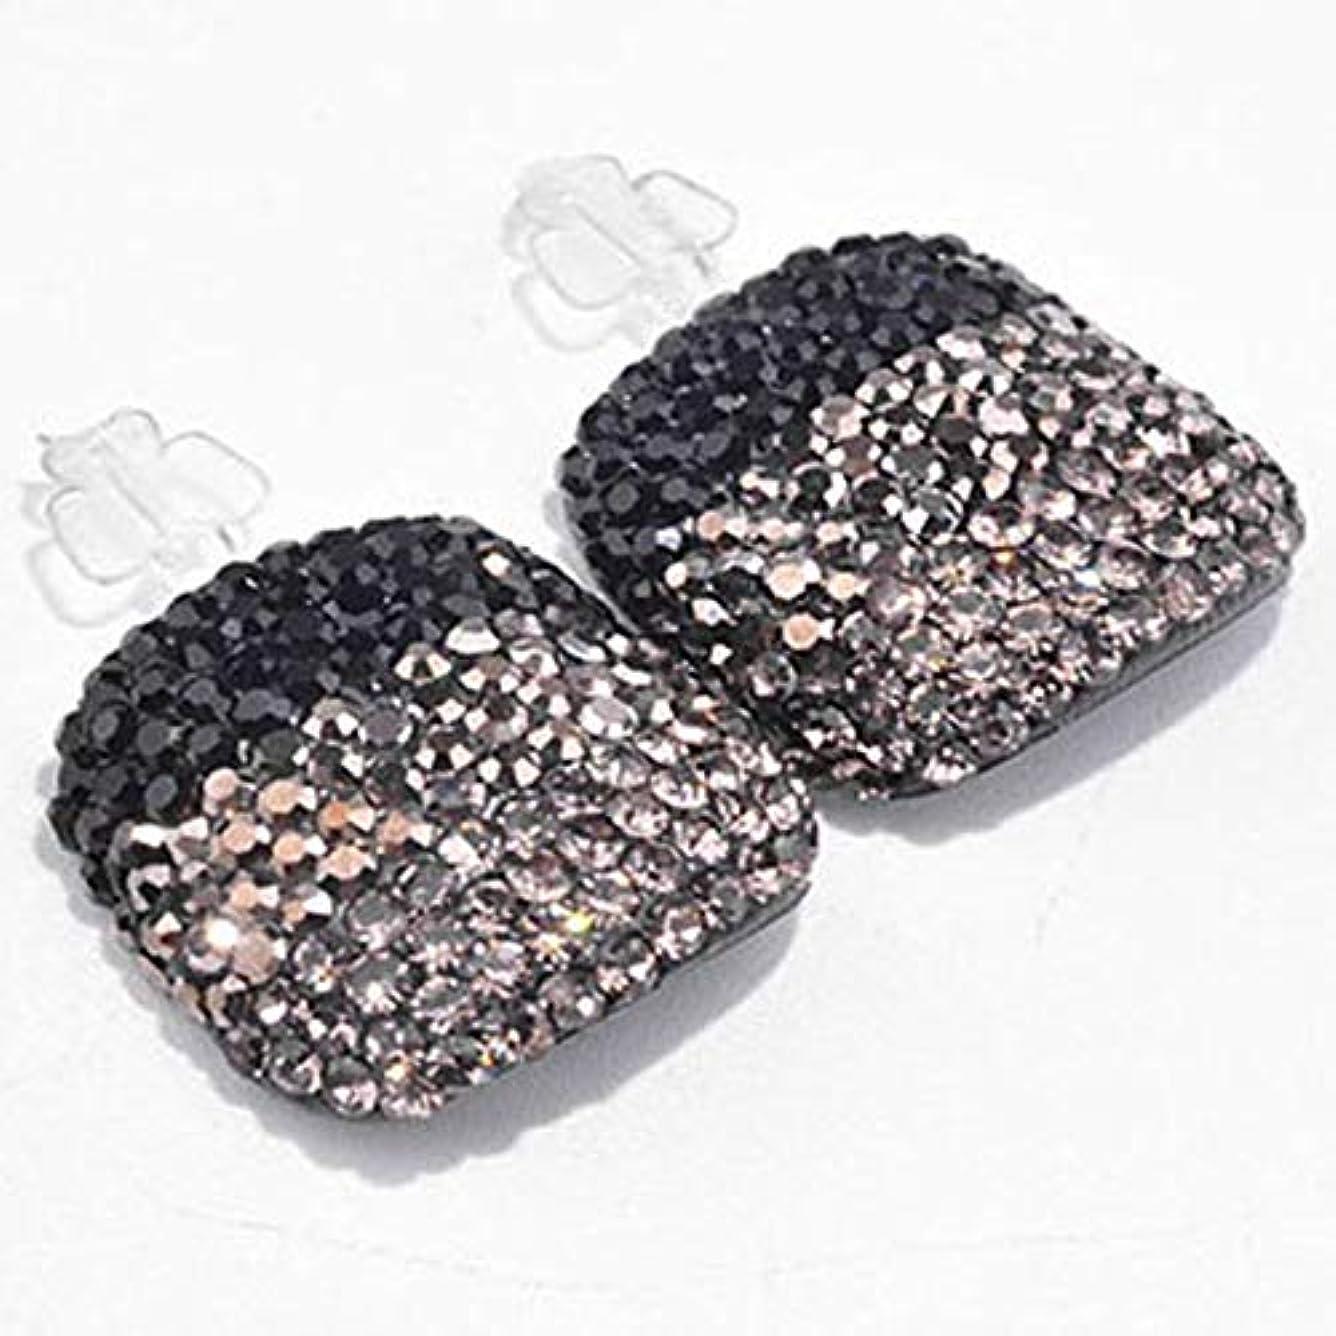 美的美容師根拠ネイルチップ 足の爪用 手作りフットネイルチップ フルラインストーン ビッグトー/ペア (38)